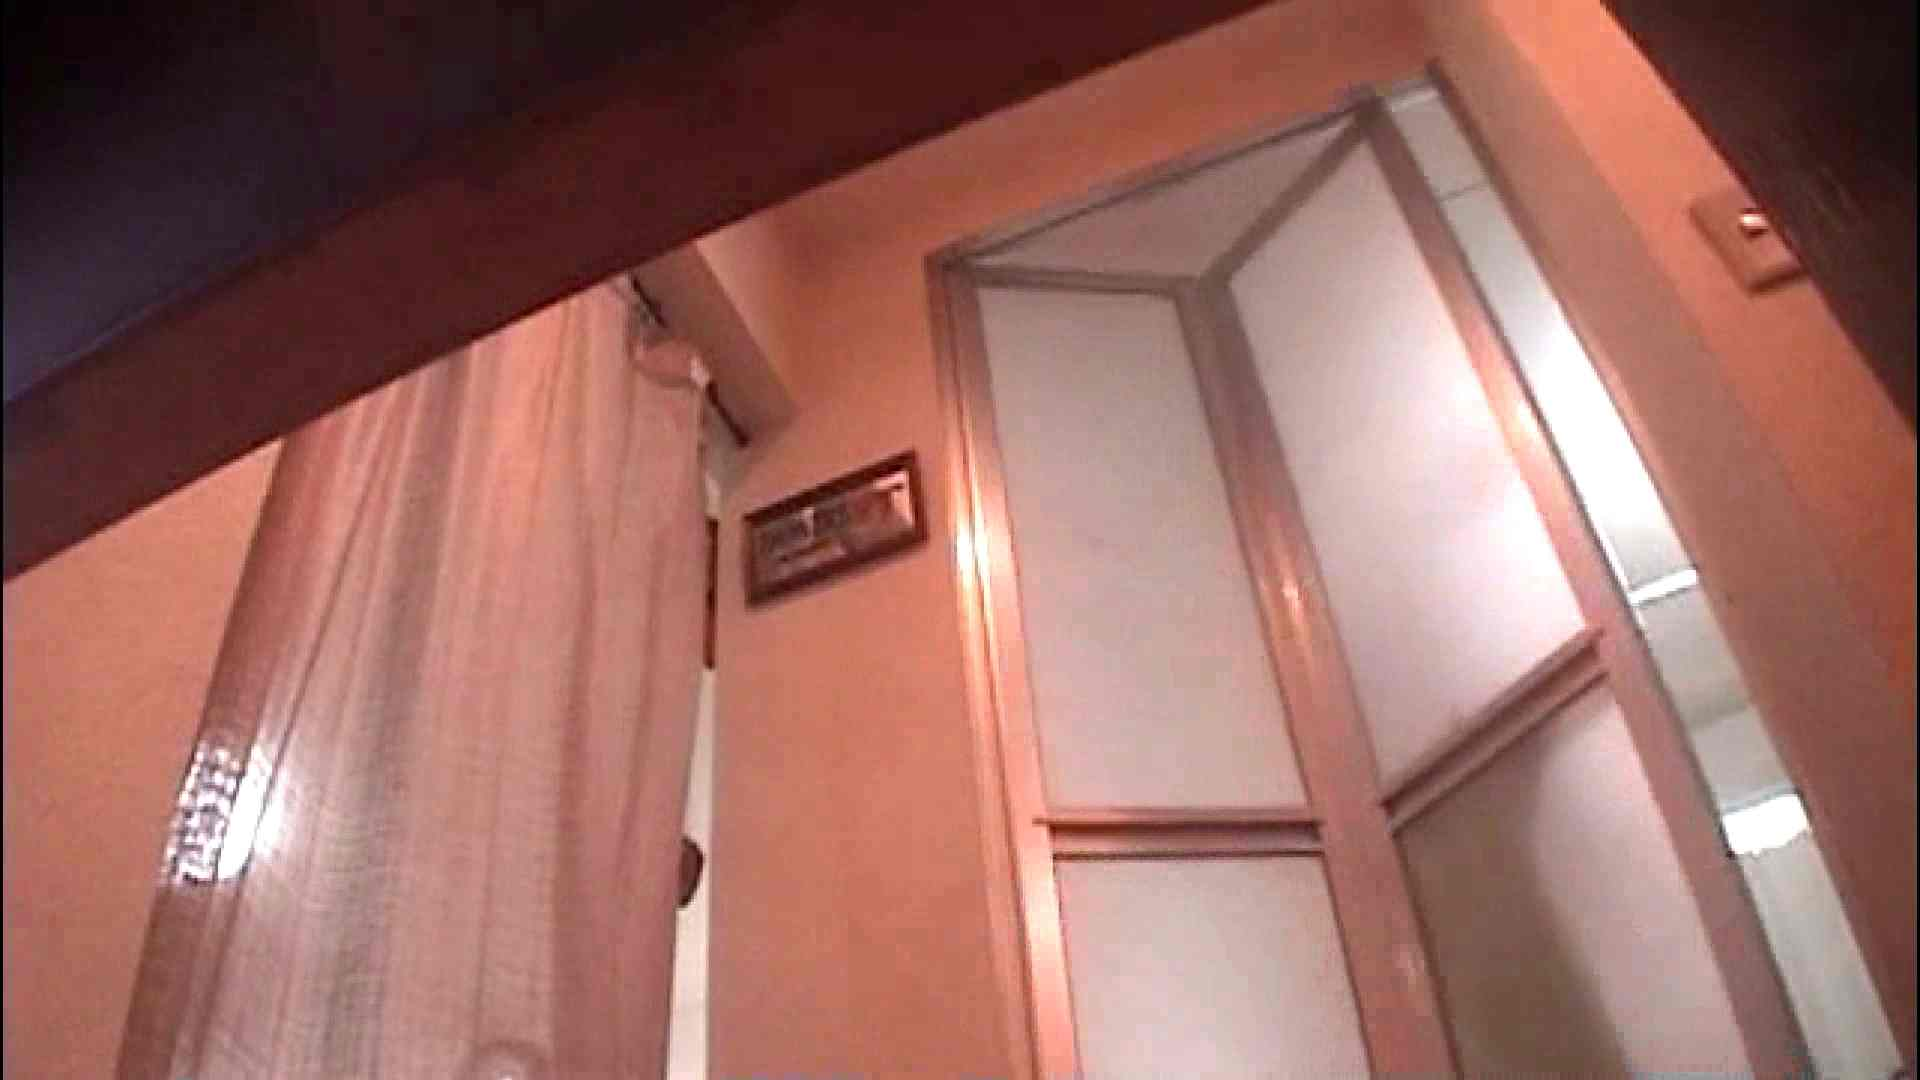 素人女良を部屋に連れ込み隠し撮りSEX!! その23  超敏感女良みはる リアルSEX   素人流出  72PIX 7